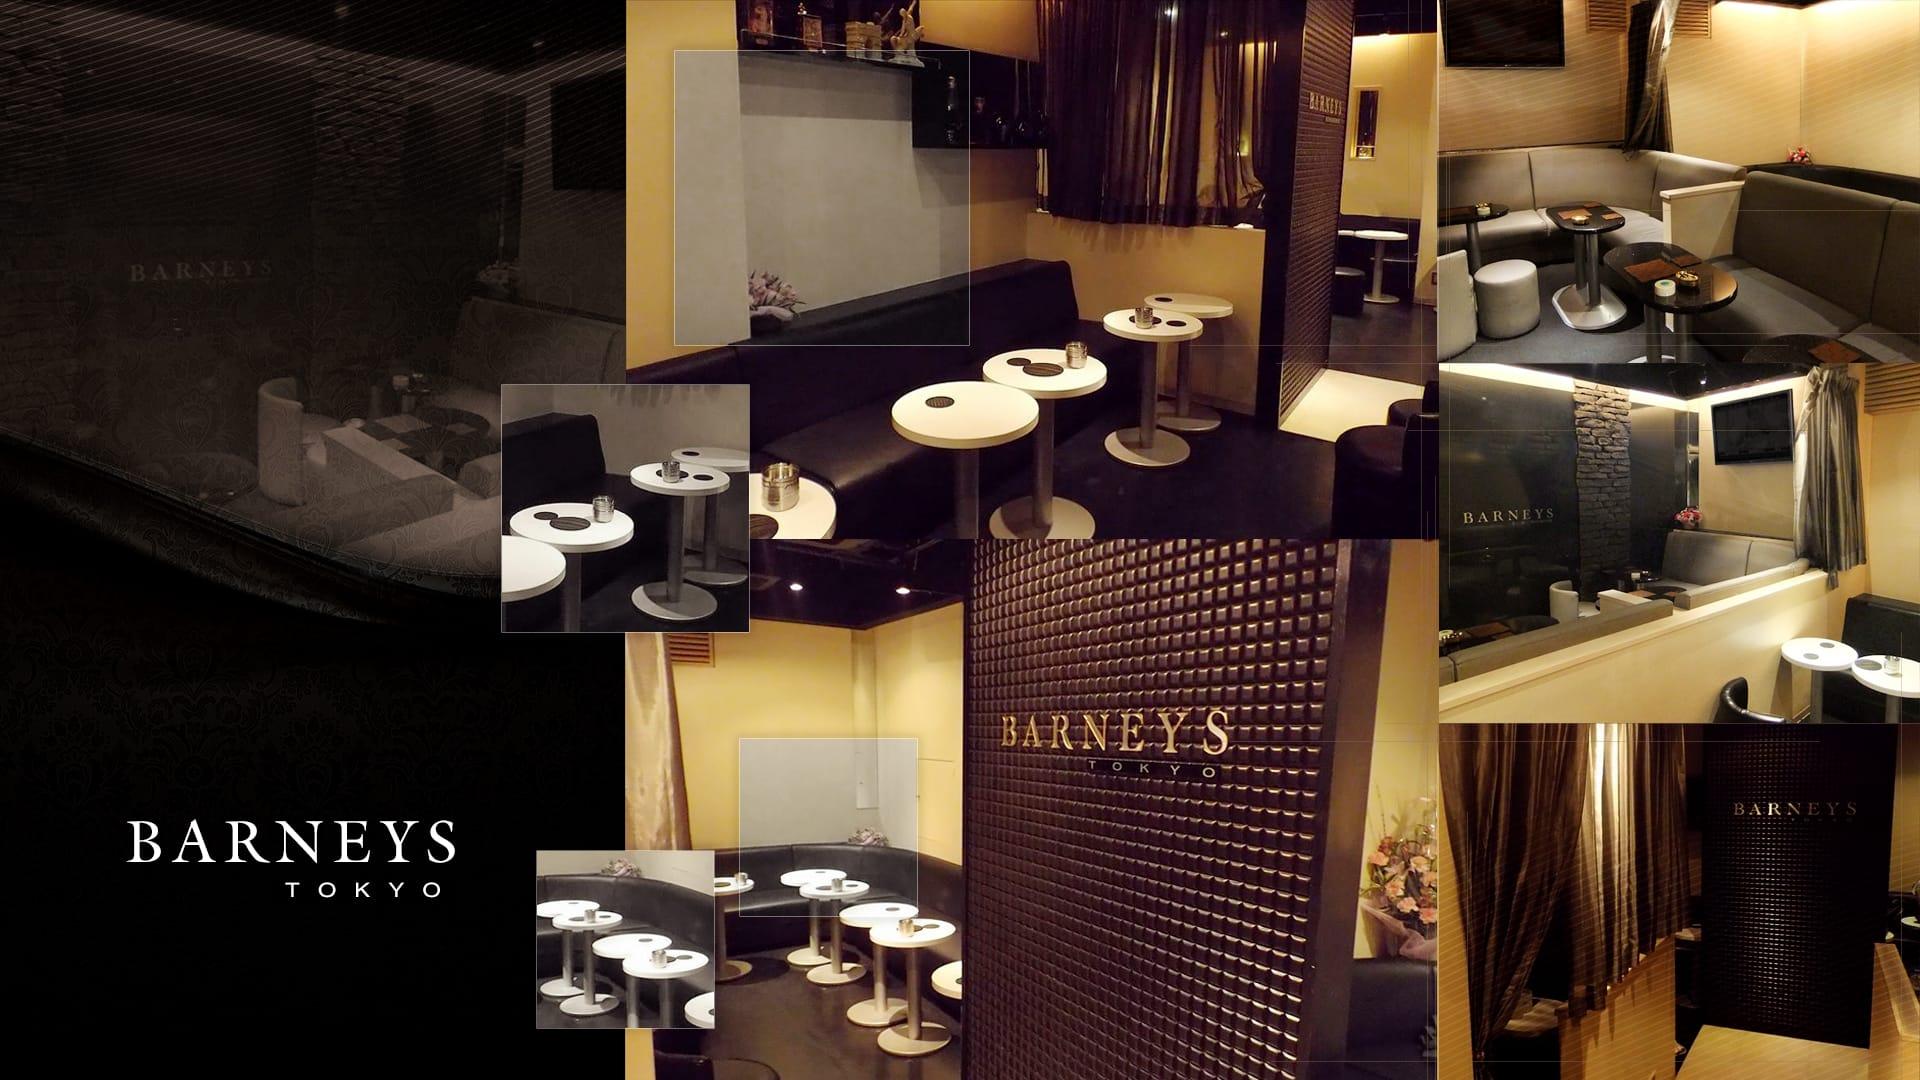 NEW CLUB BARNEYS TOKYO[バーニーズトーキョー] TOP画像